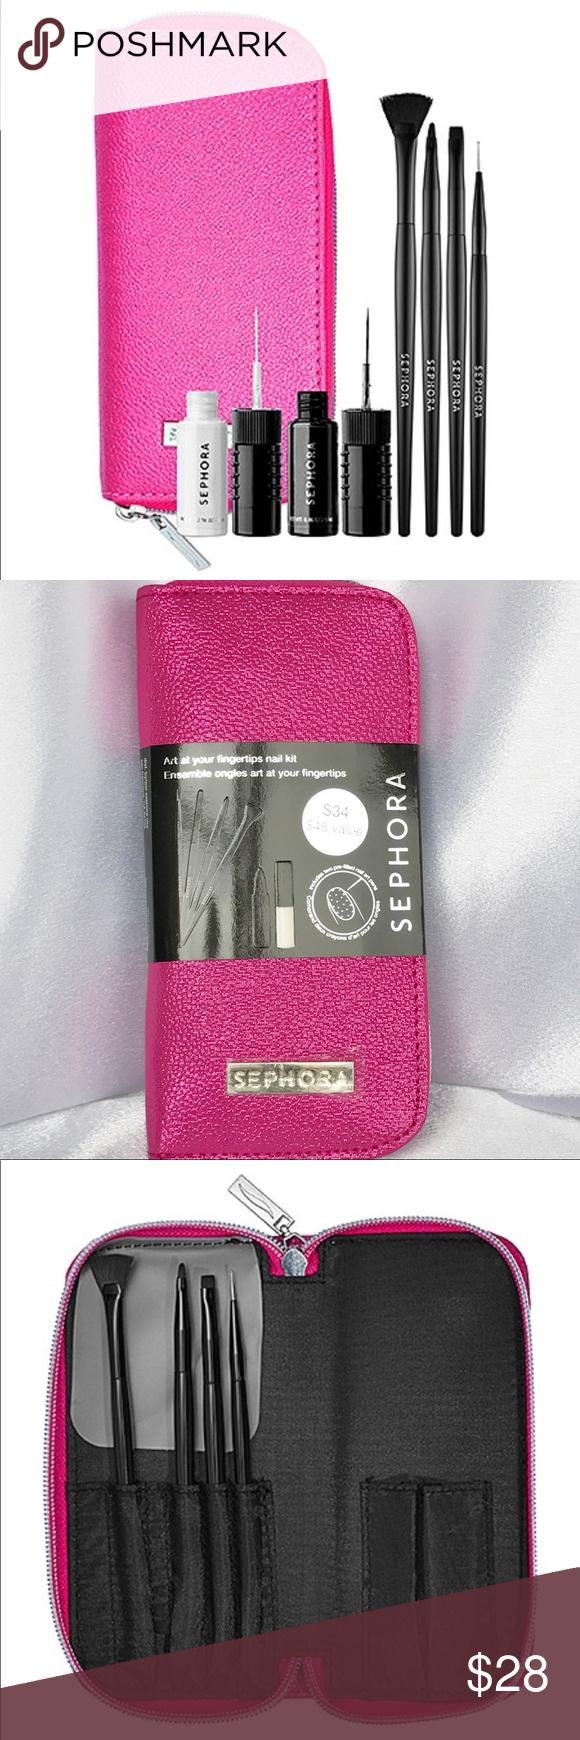 Sephora Art at Your Fingertips Nail Kit 💅 NWT Nail kit